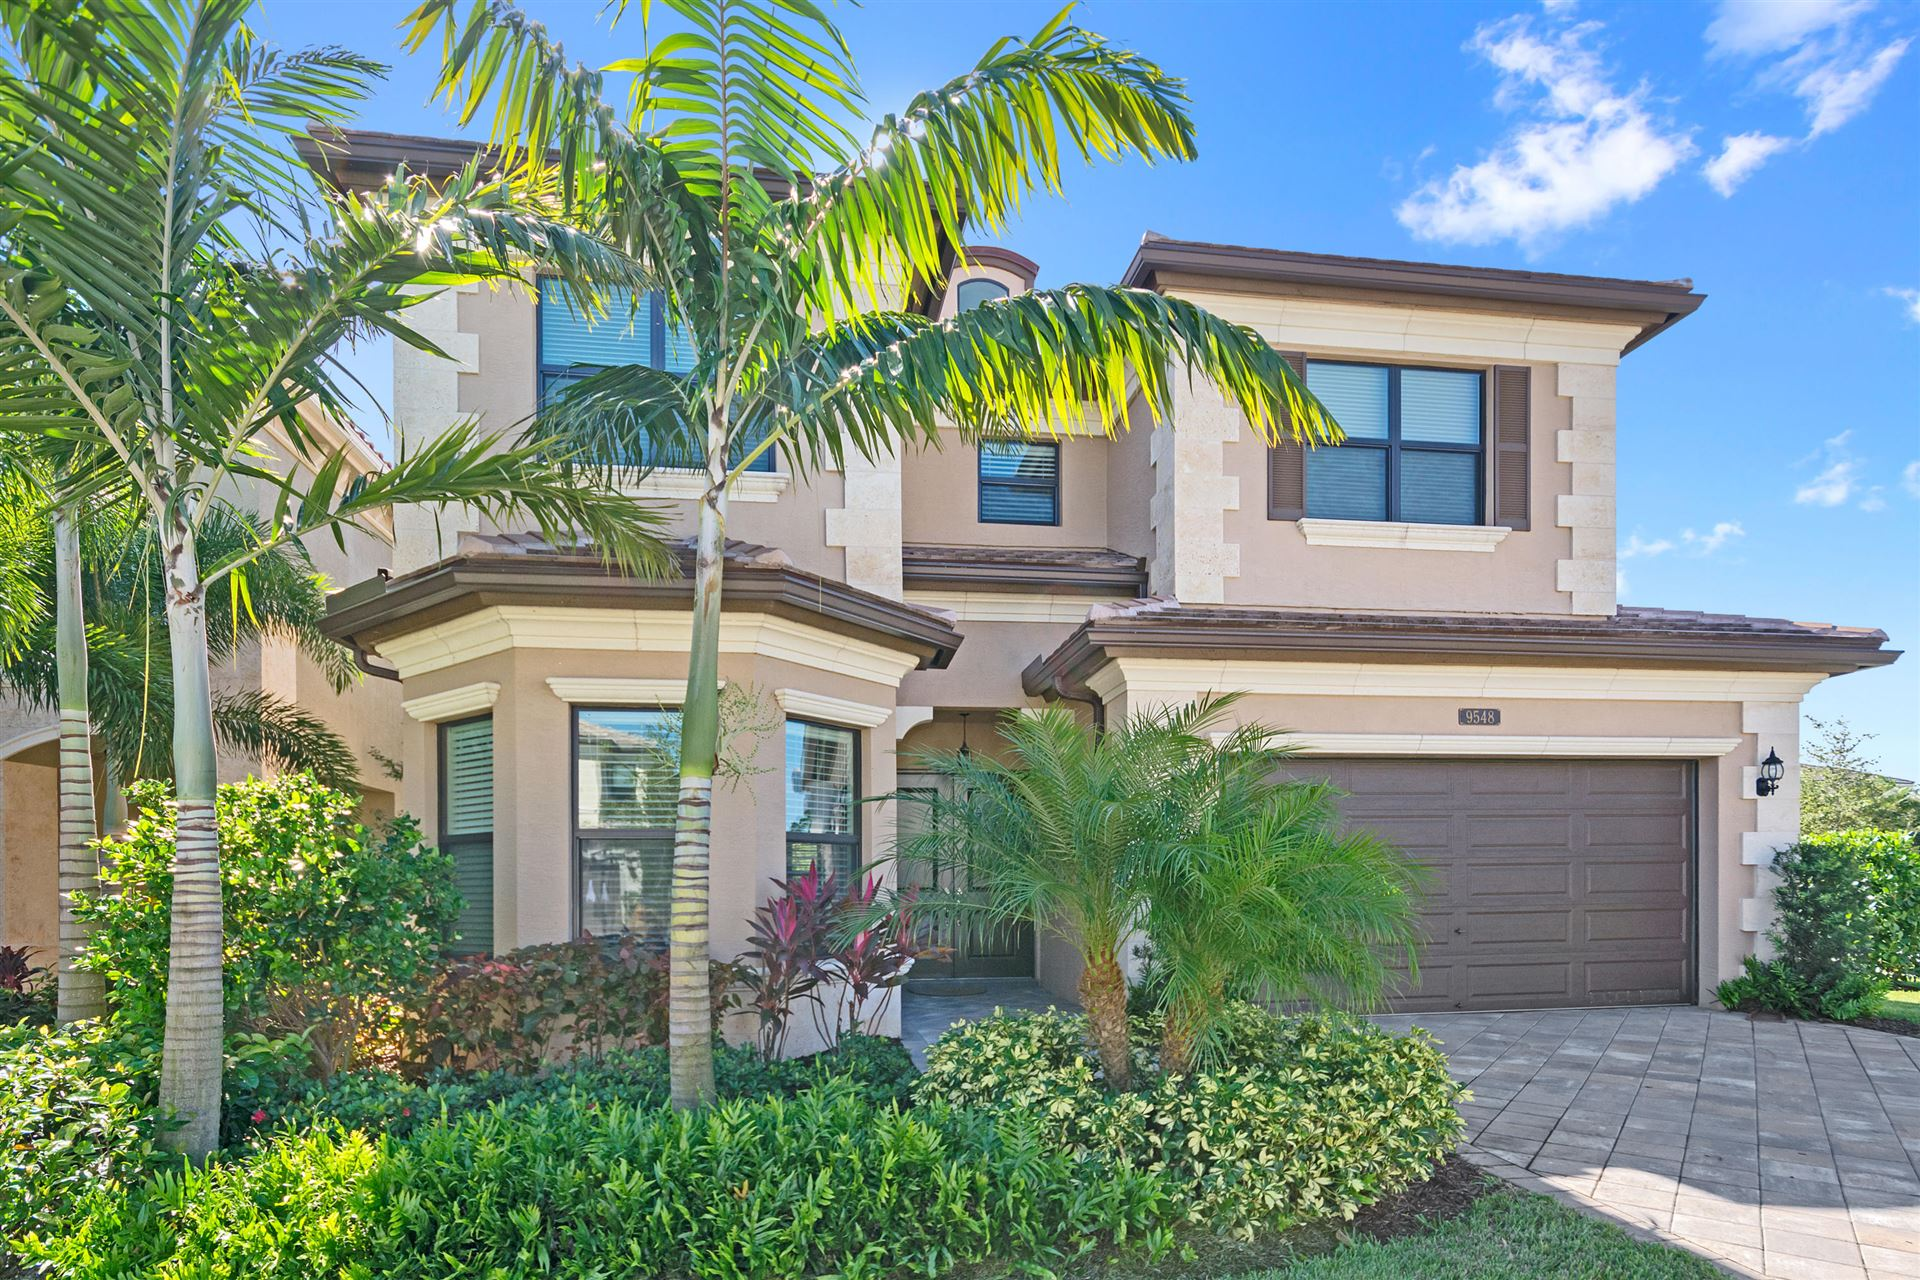 Photo of 9548 Eden Roc Court, Delray Beach, FL 33446 (MLS # RX-10687933)